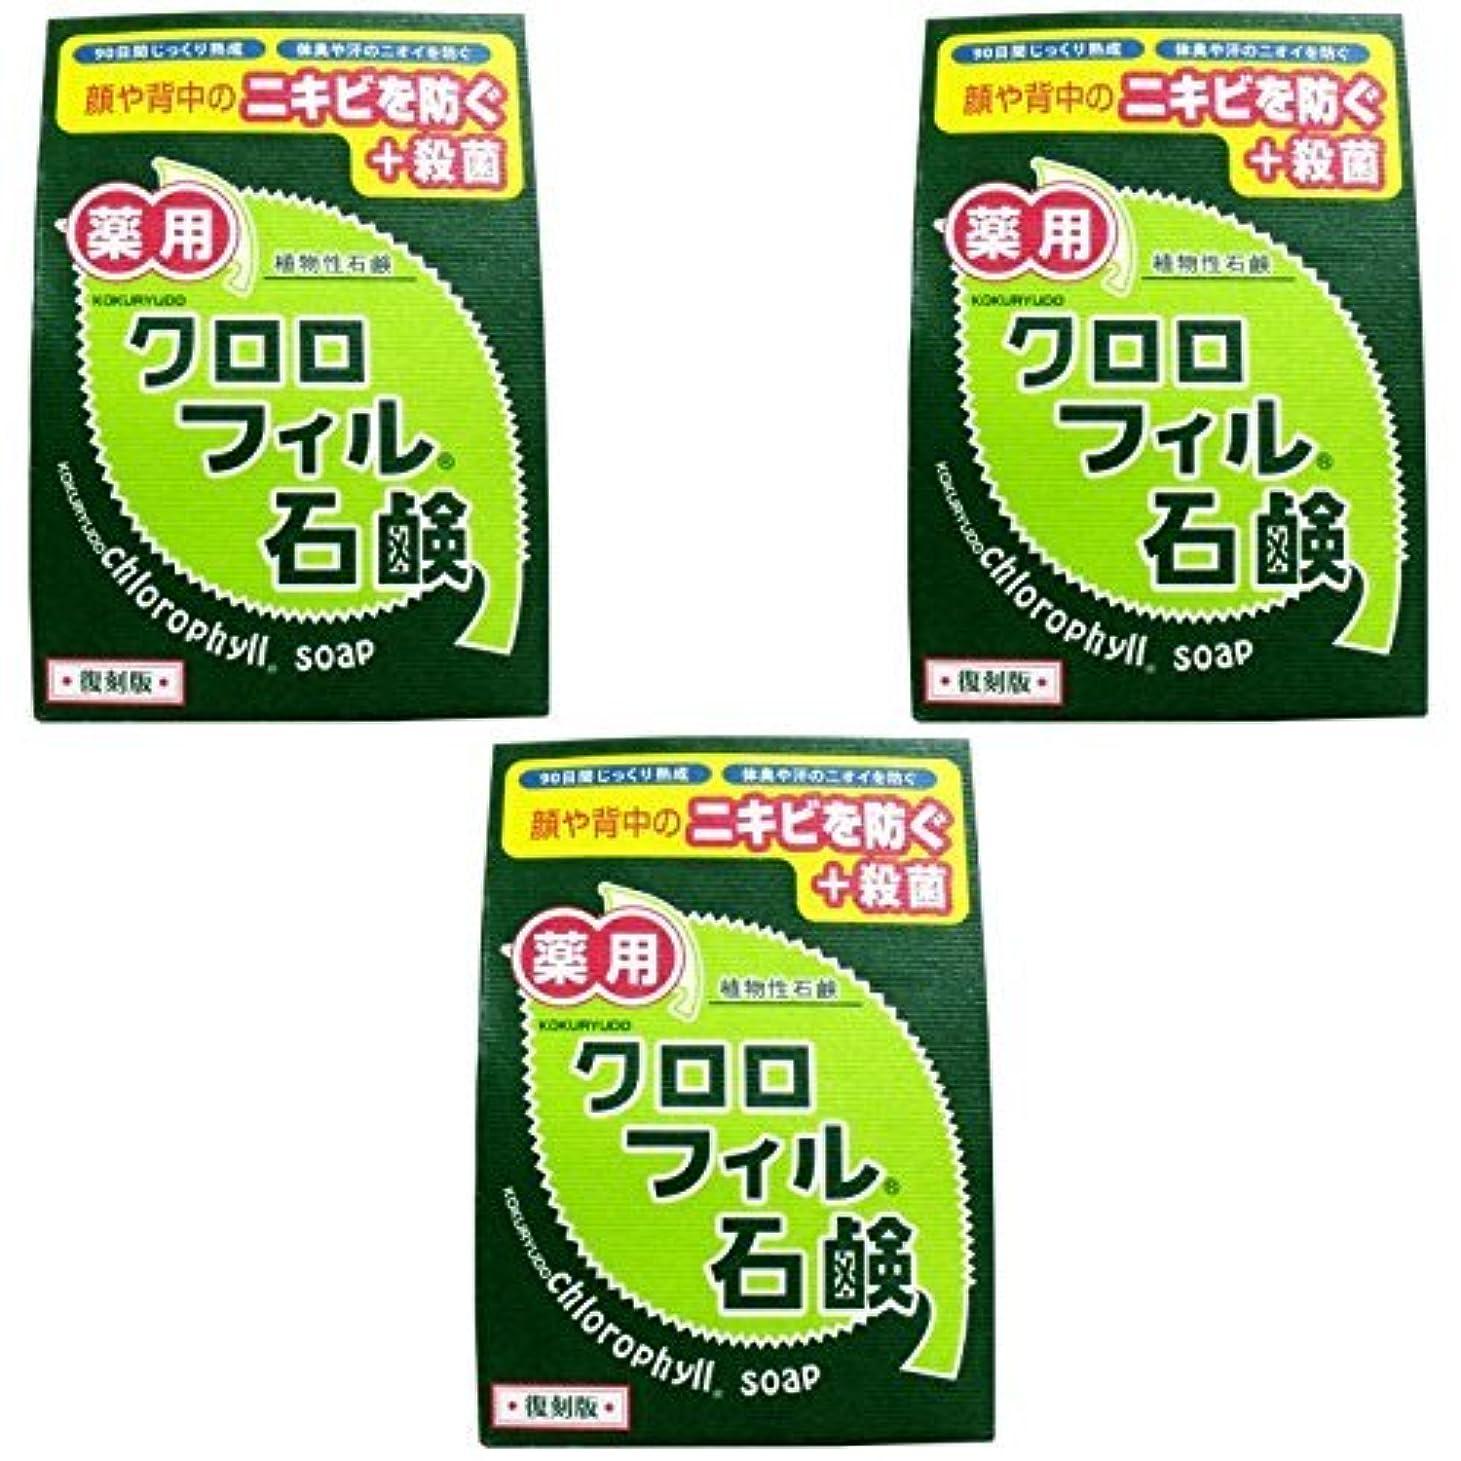 工業化する率直な午後【まとめ買い】クロロフィル石鹸 復刻版 85g (医薬部外品)【×3個】